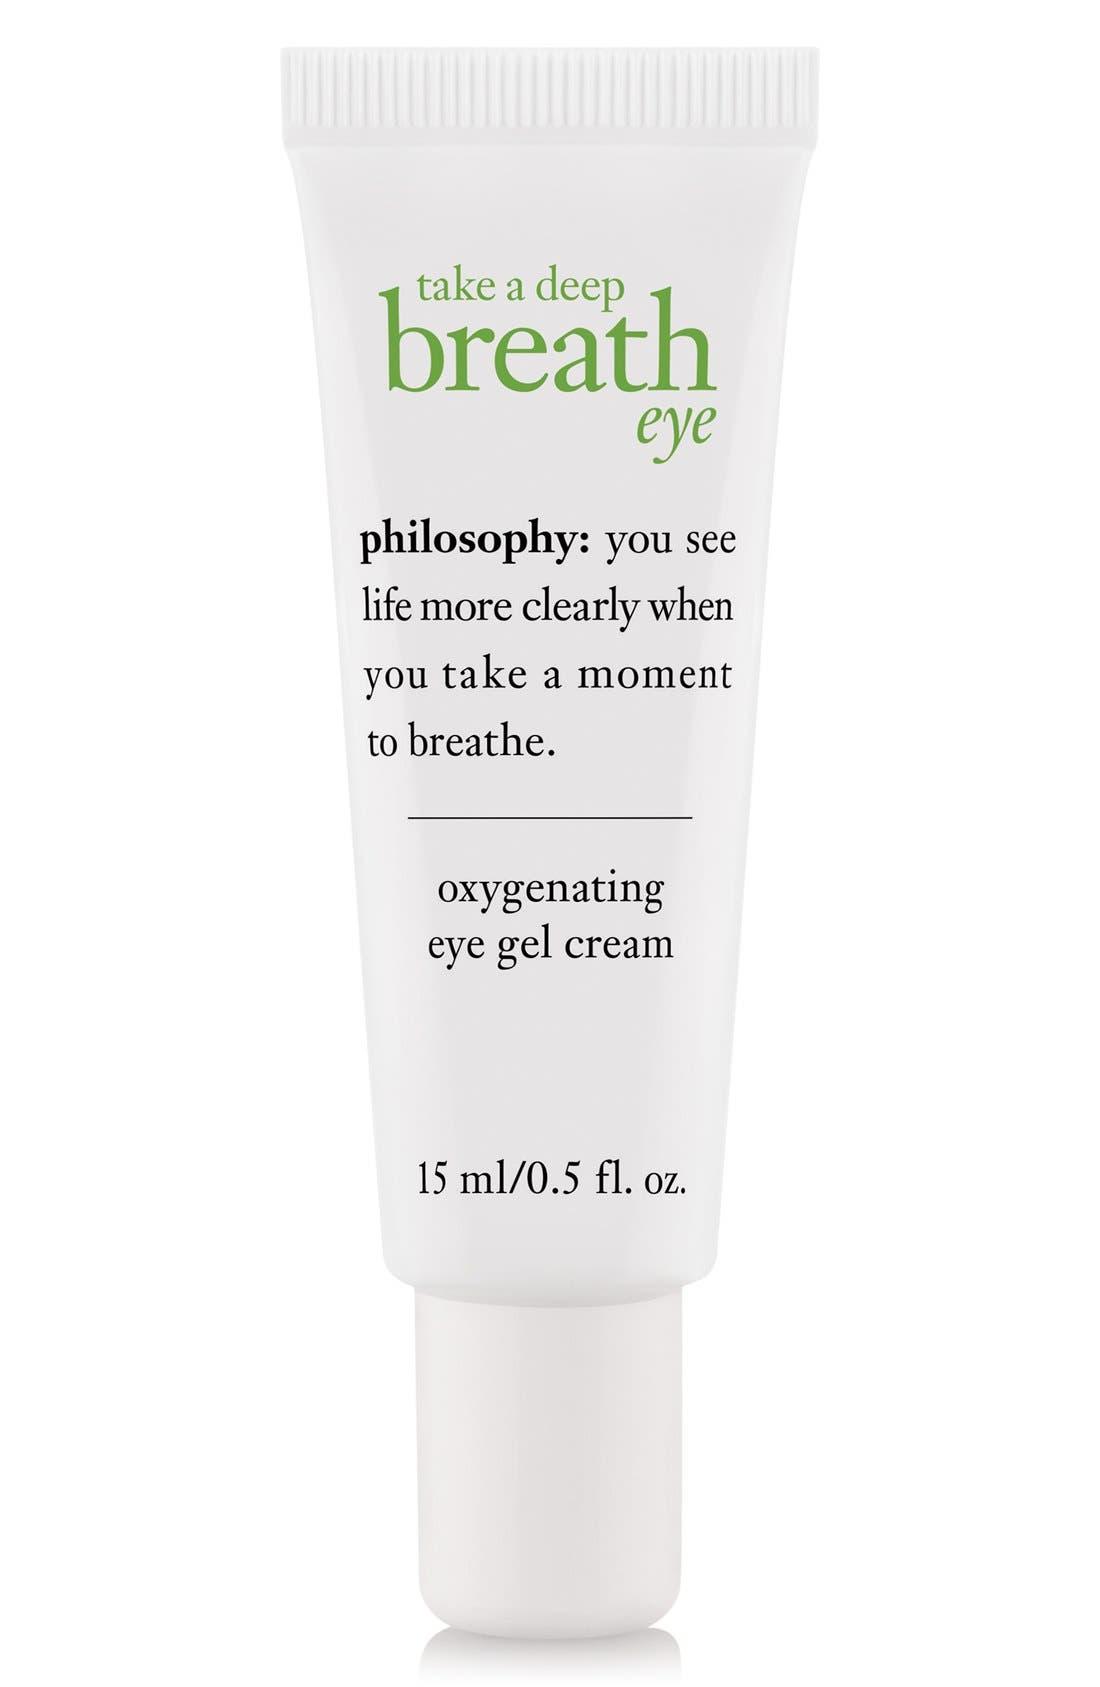 philosophy 'take a deep breath' oxygenating eye gel cream